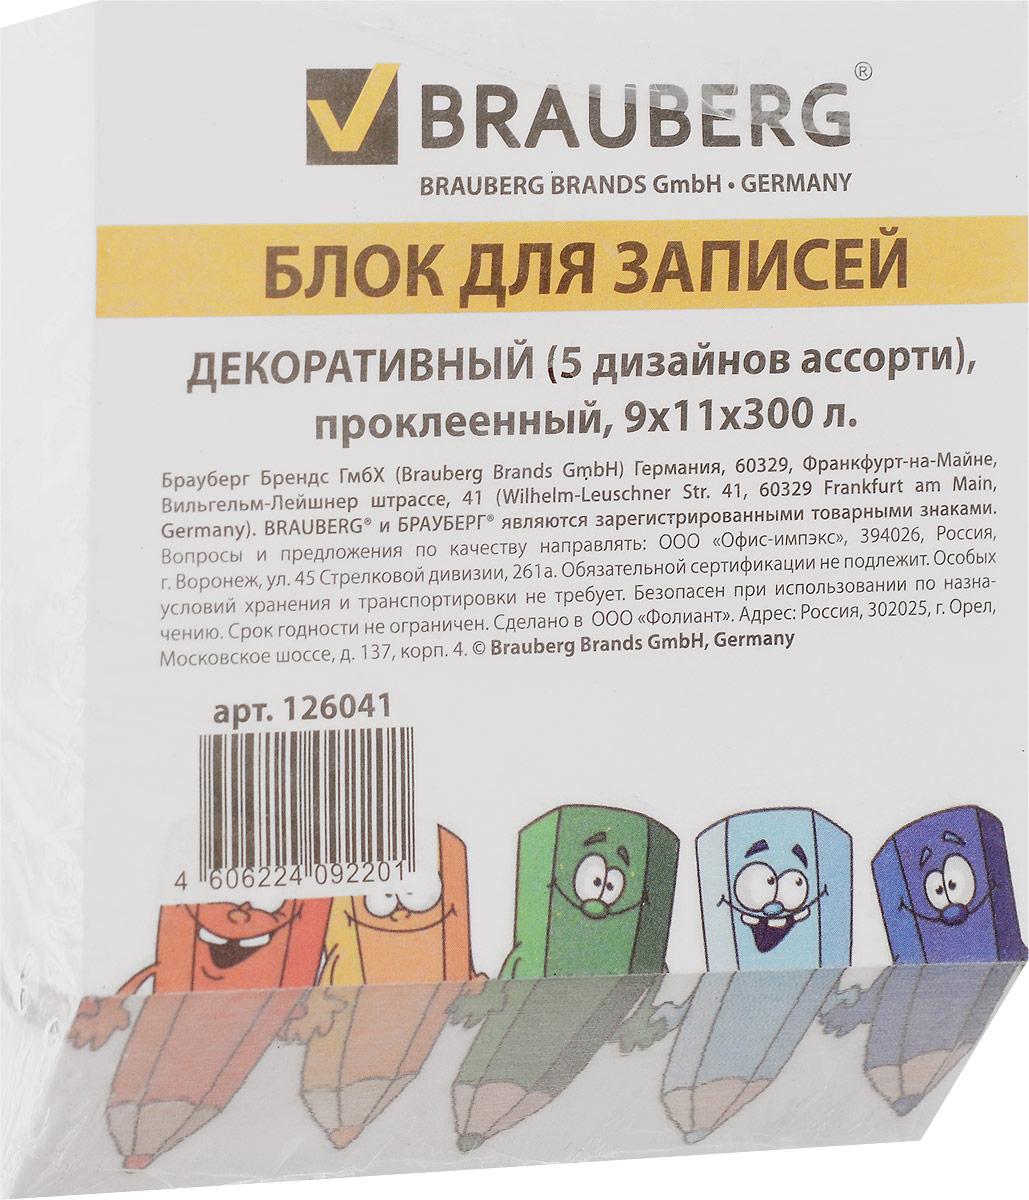 Brauberg Блок для записей Карандаши 9 х 11 см 300 листов0703415Блок для записей Brauberg изготовлен из высококачественной офсетной бумаги. Идеально подходит для быстрой фиксации информации. Благодаря яркой цветовой гамме, современному дизайну и оригинальной конструкции вносит в развитие ребенка яркую ноту.